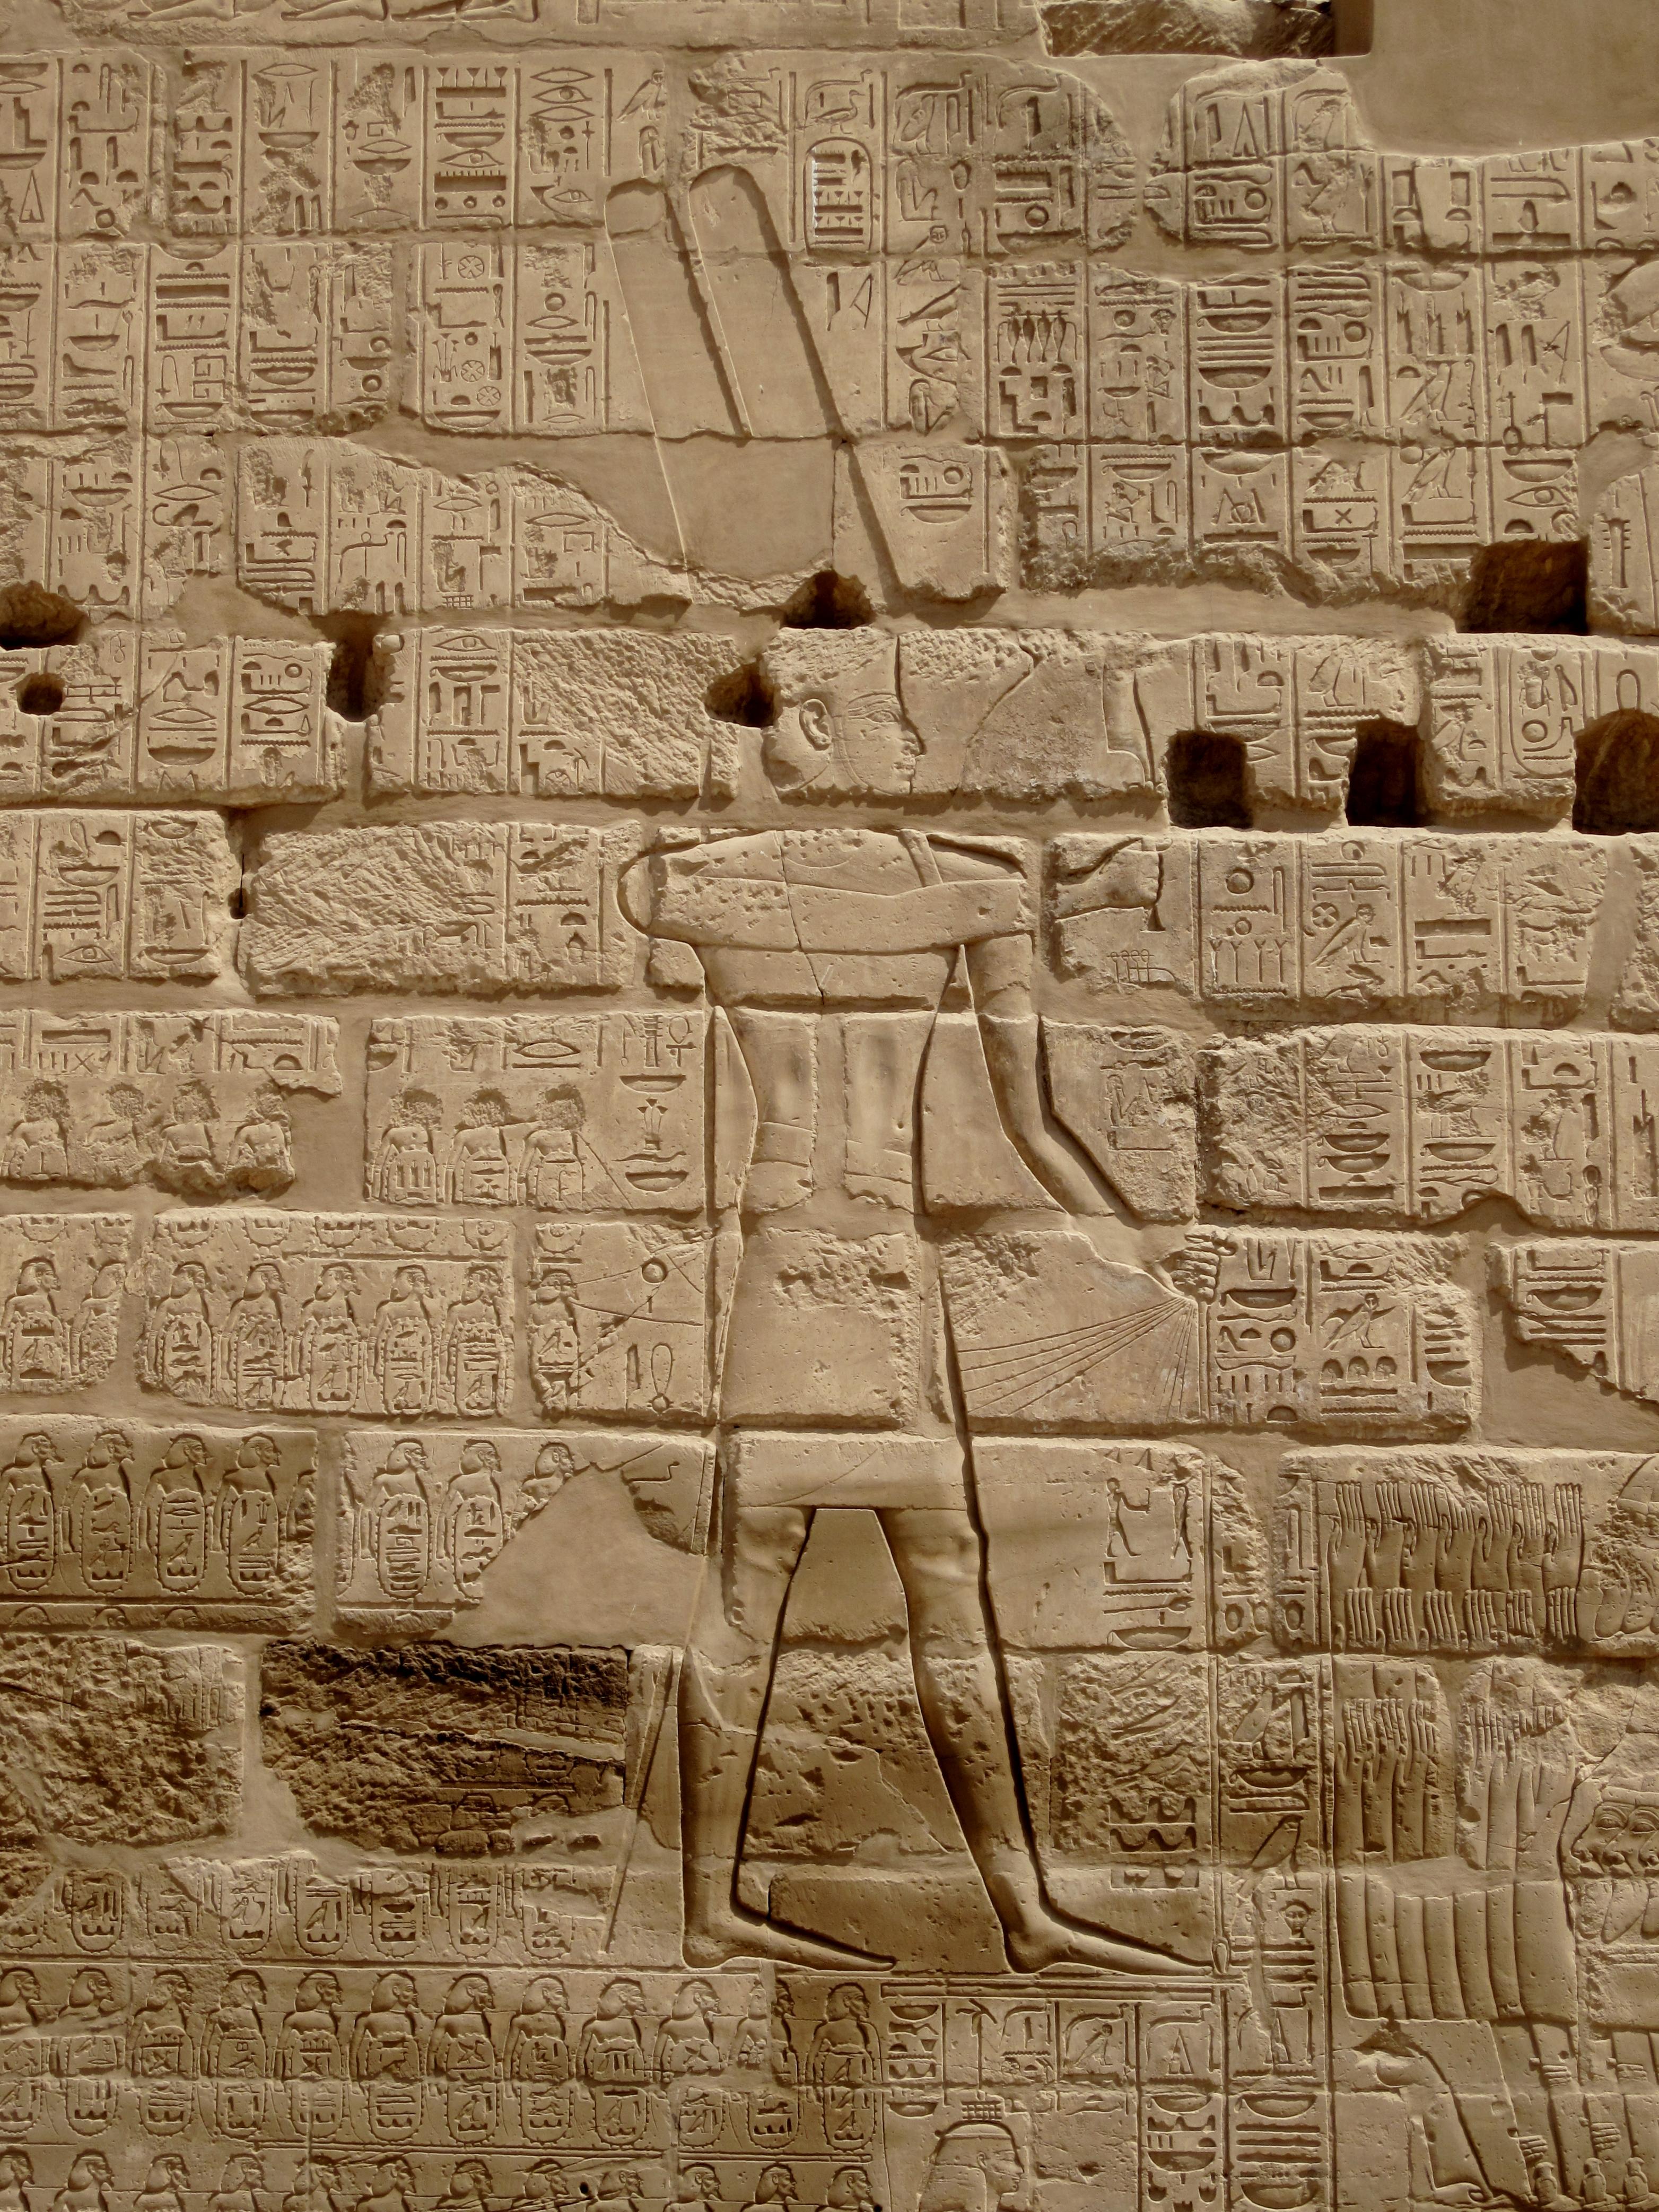 上图:古埃及第二十二王朝首位法老舍顺克一世(Shoshenq I,主前943–922年)的凯旋浮雕,位于卡纳克神庙(Temple of Karnak)的Bubastite Portal大门上。浮雕上描绘了舍顺克一世的迦南战役,上面列出了所占领的以色列和犹大的城镇,如伯·珊、伯·和仑、米吉多、亚拉得等等。考古学家普遍认为舍顺克一世就是罗波安王第五年入侵犹大的埃及王示撒(Shishak,王上十四25-26;历代志下十二1-9)。根据埃及年鉴,可推出迦南战役的时间是主前925年左右,由此确定所罗门去世、罗波安登基的时间为主前930年,并推出所罗门登基的时间是主前970年。